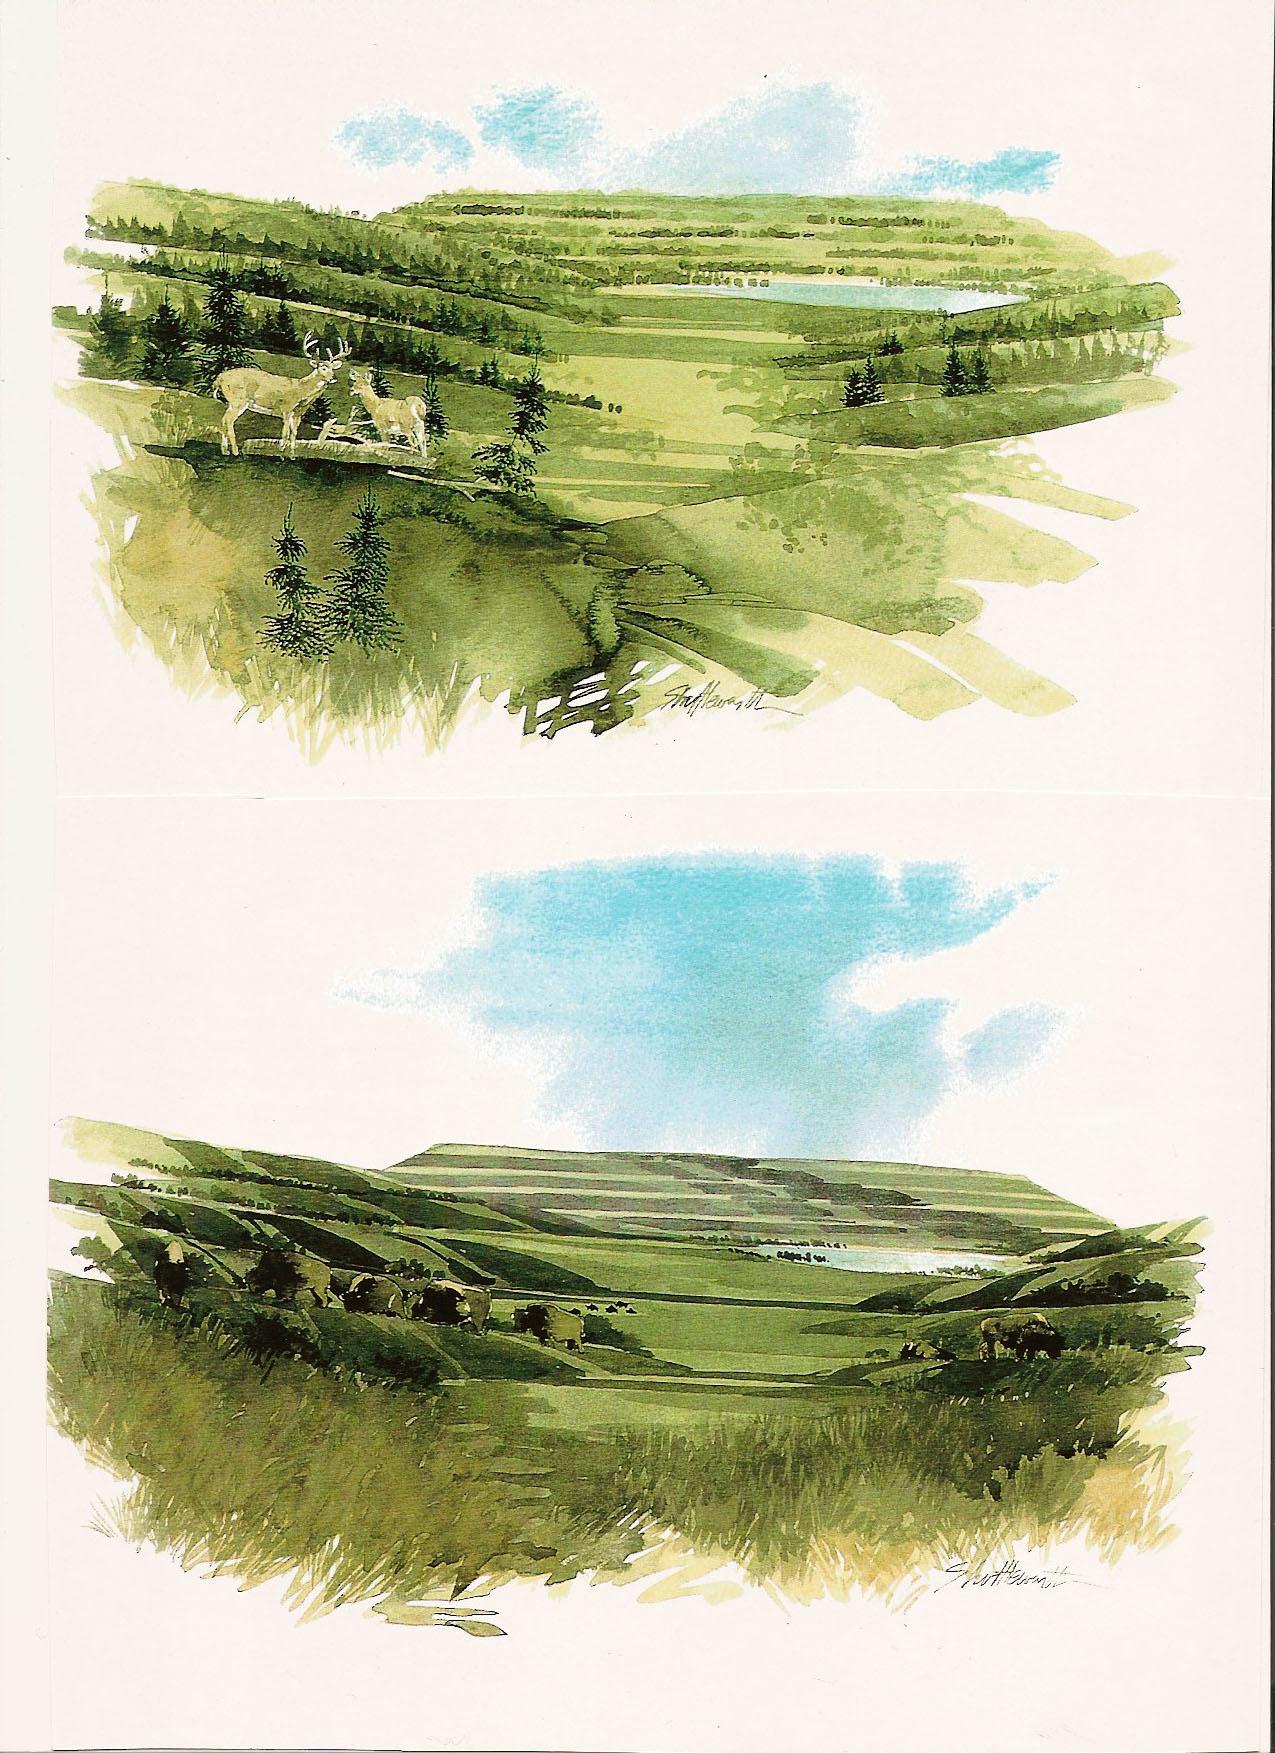 reclaimed landscape-4352650426.jpg